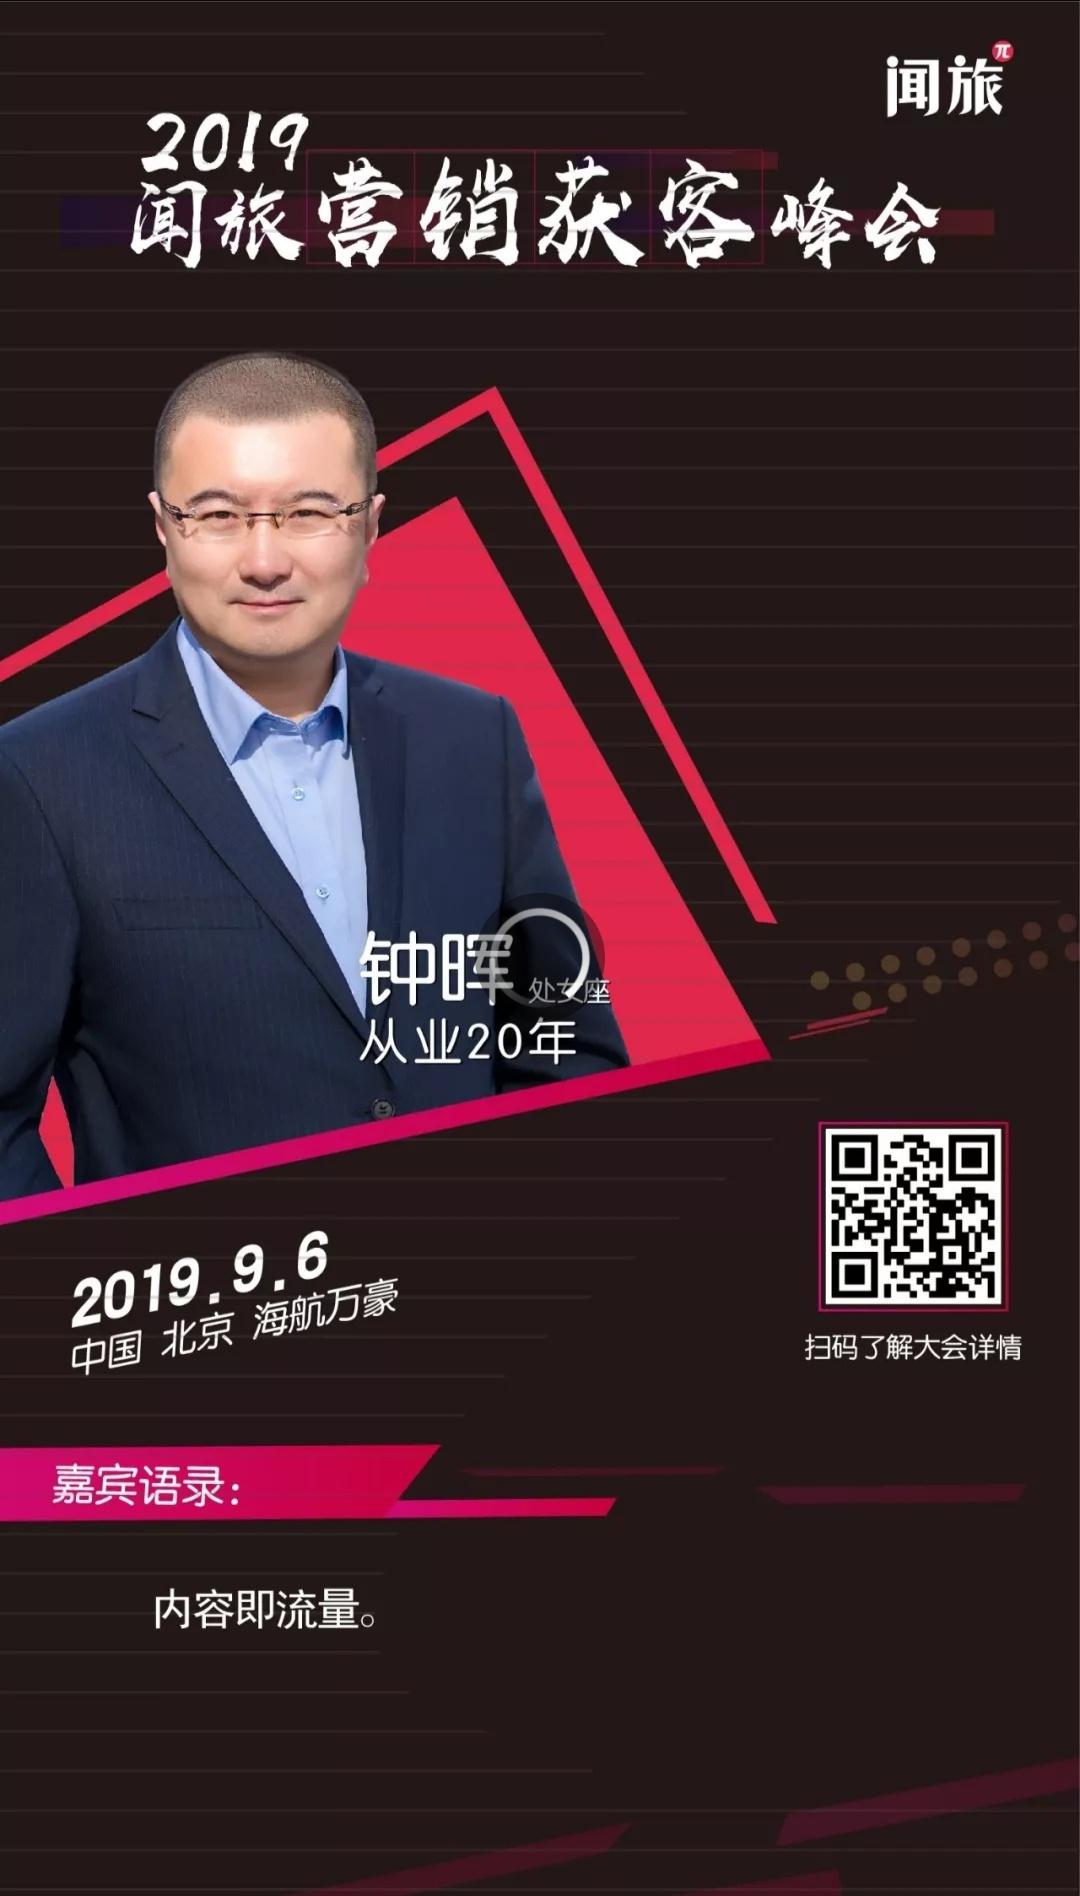 Screenshot_2019-08-09-21-03-13-265_com.tencent.mm.png